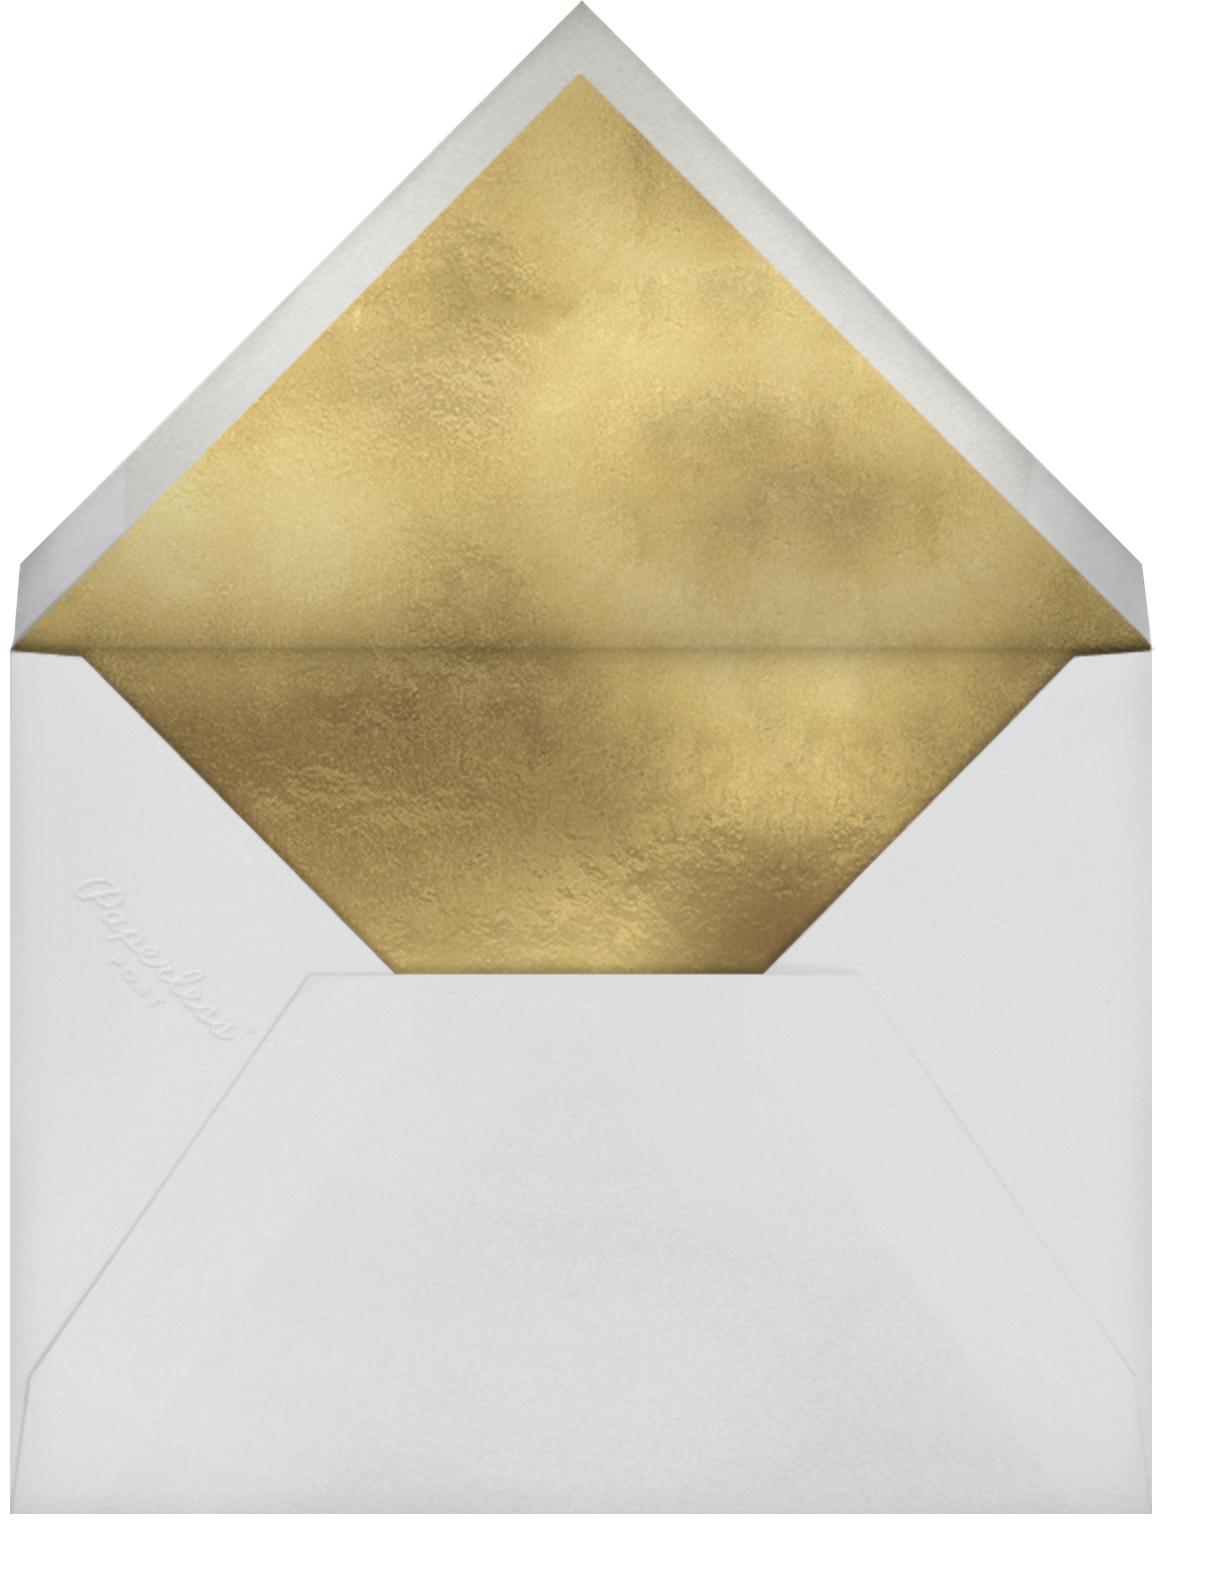 Belle Boulevard (Invitation) - Gold - kate spade new york - All - envelope back